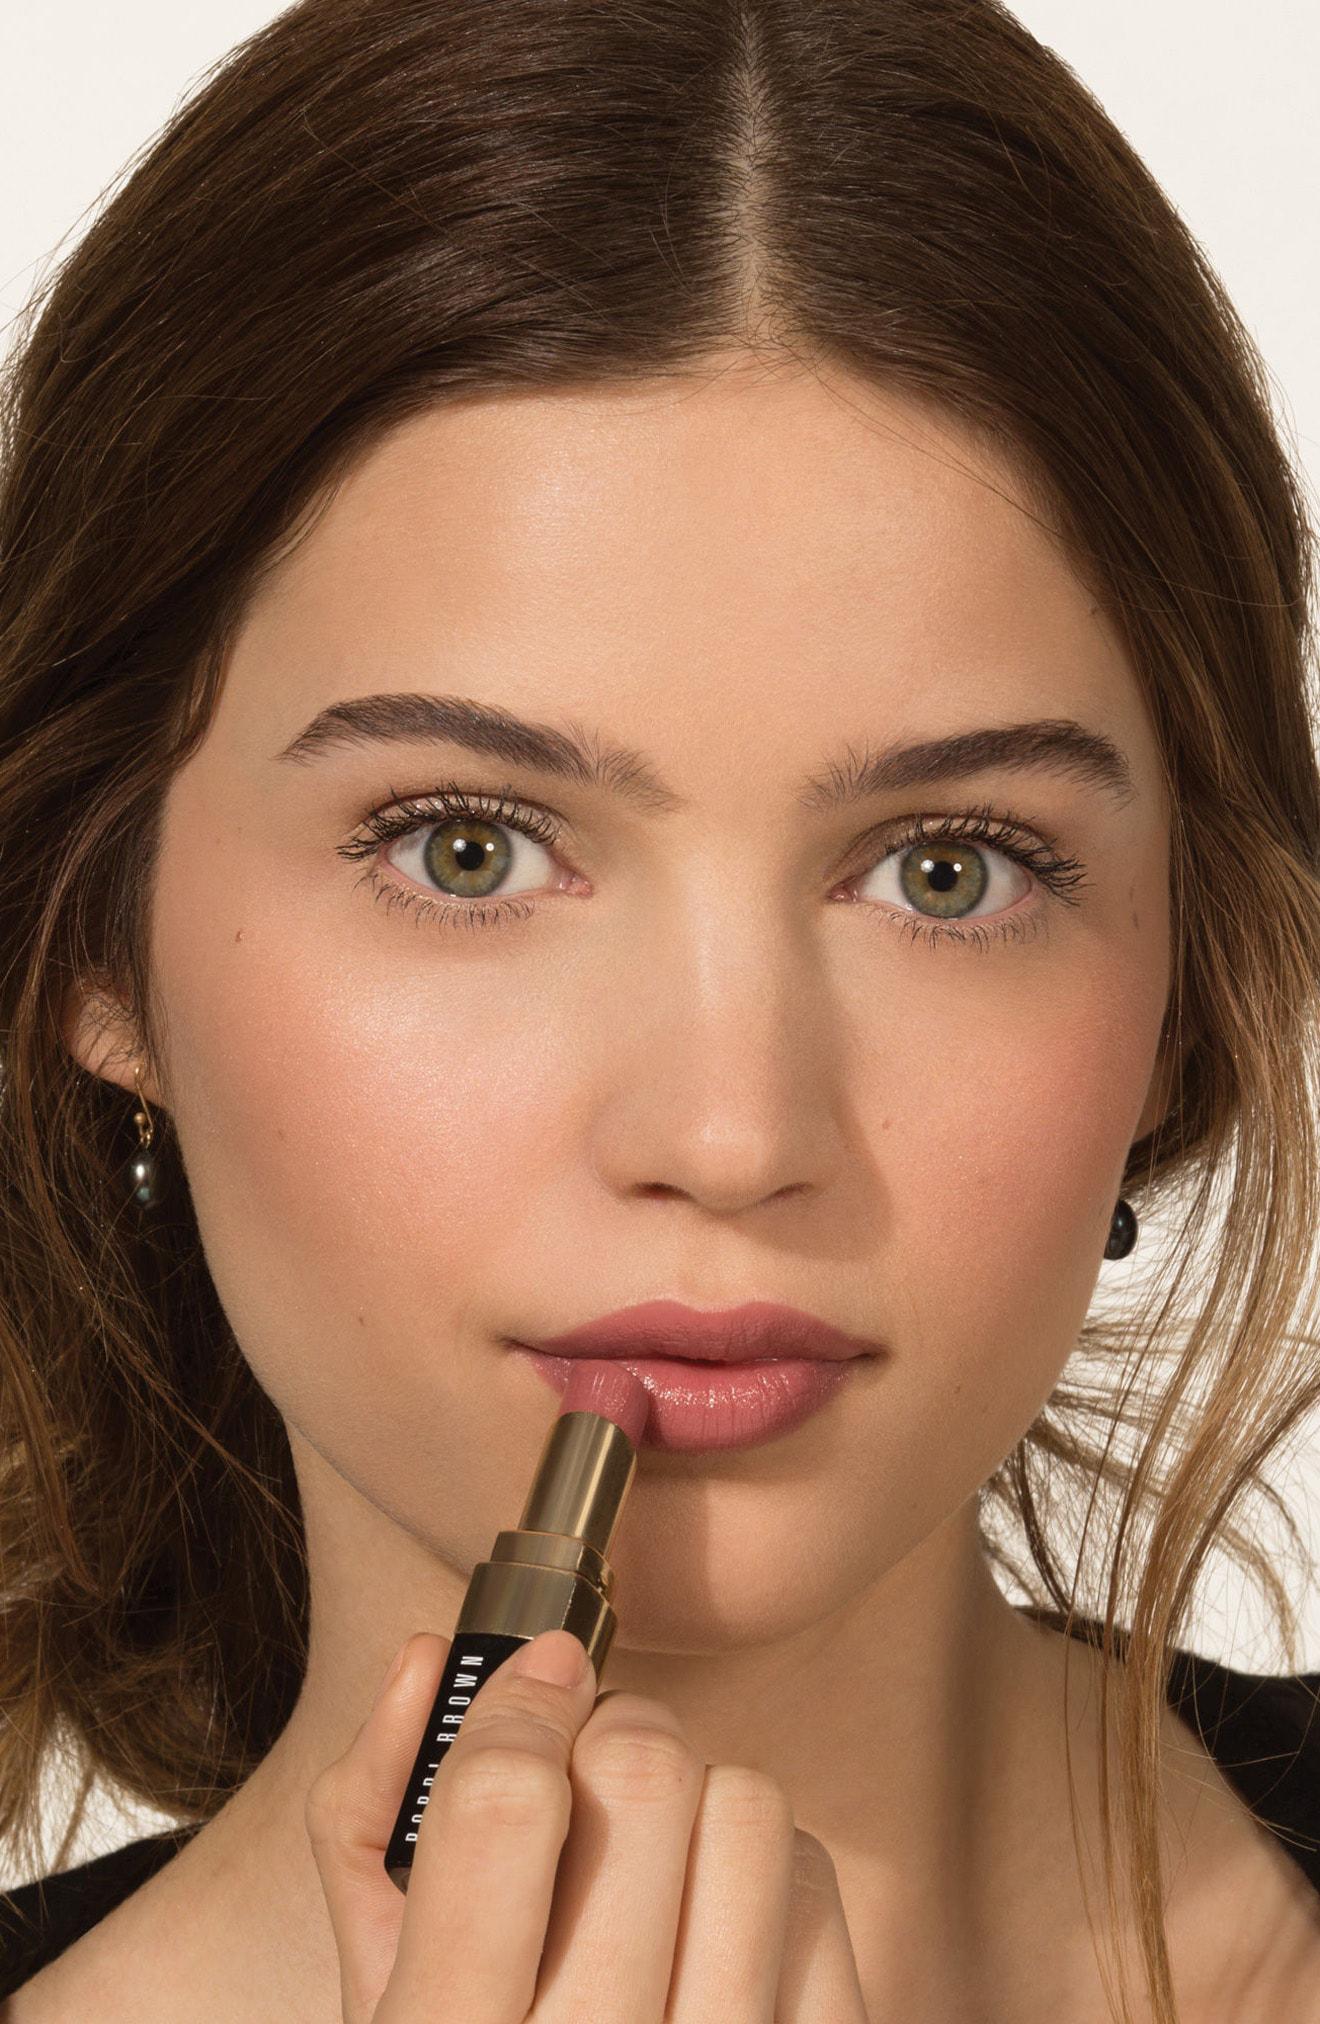 Bobbi Brown Nourishing Lip Color In Rose Petal  Modesens-2438